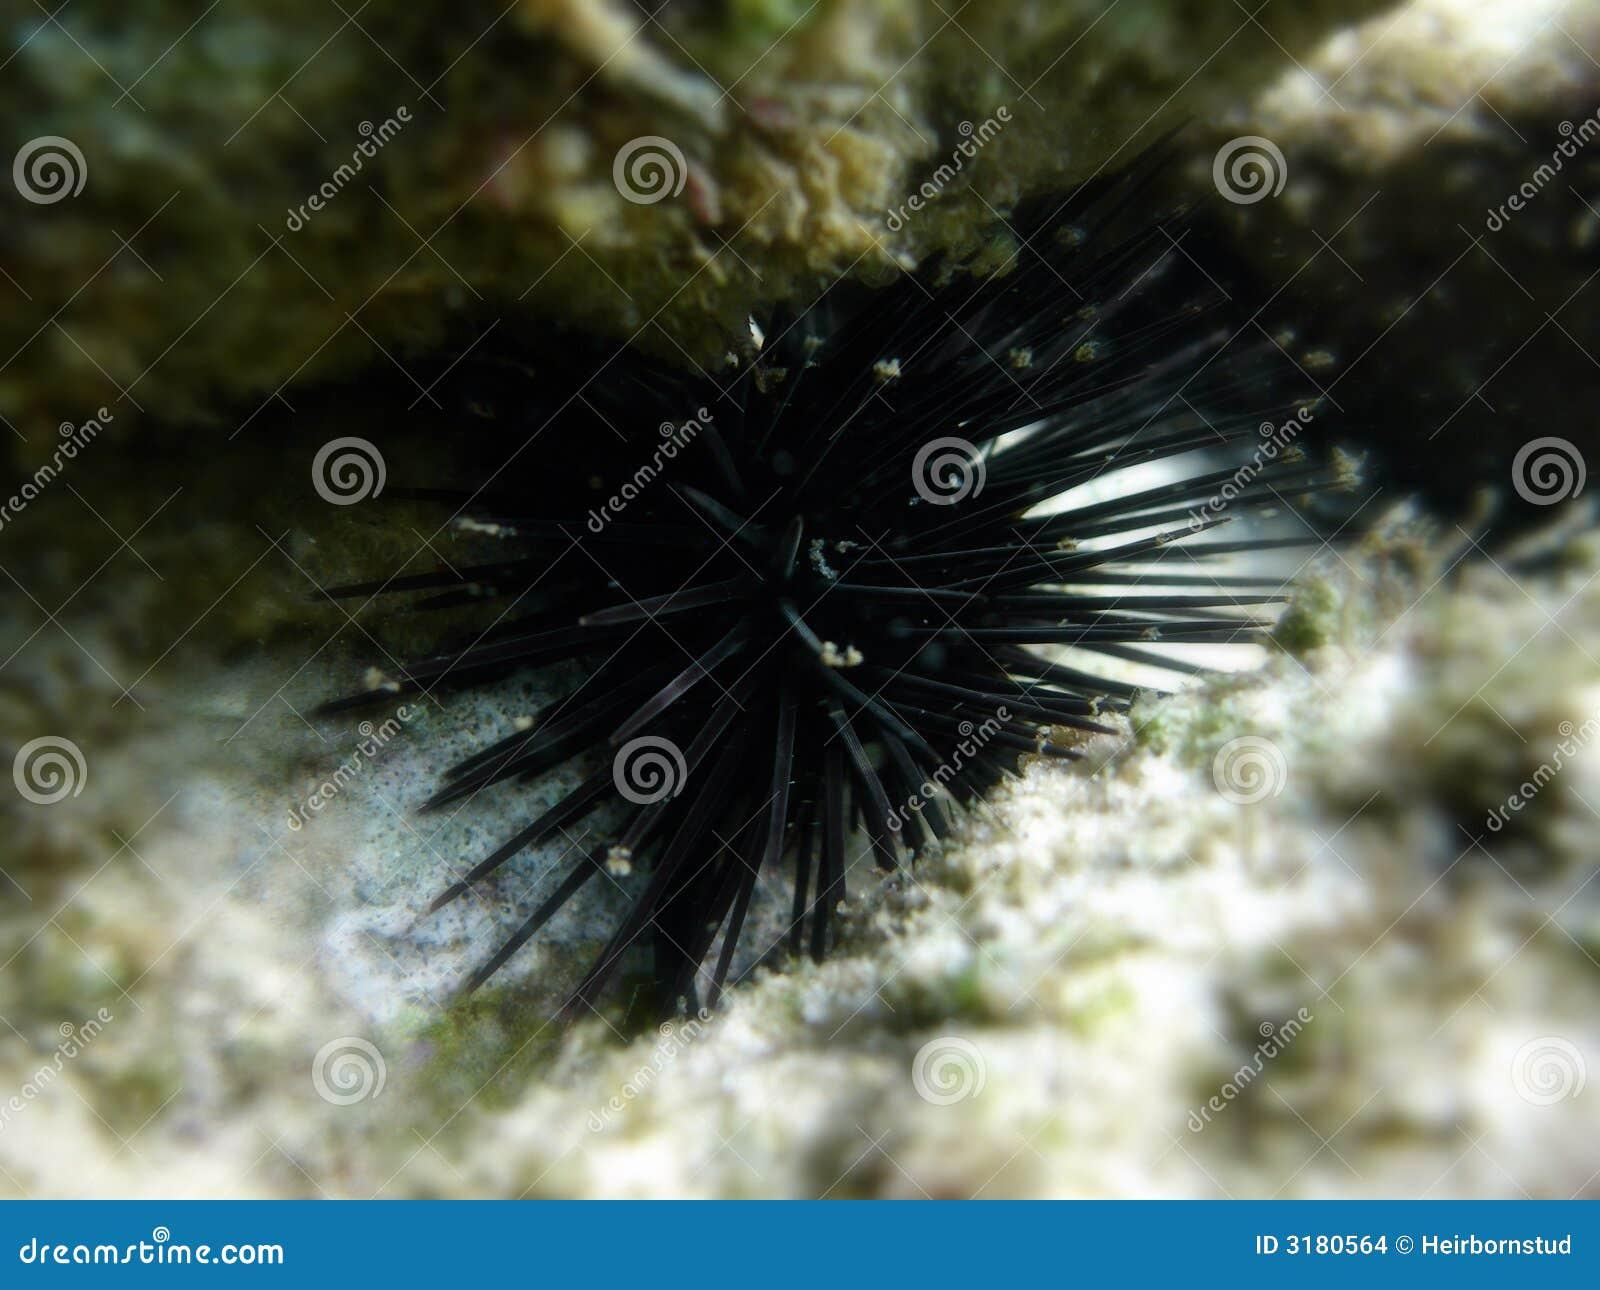 Sea urchin under water